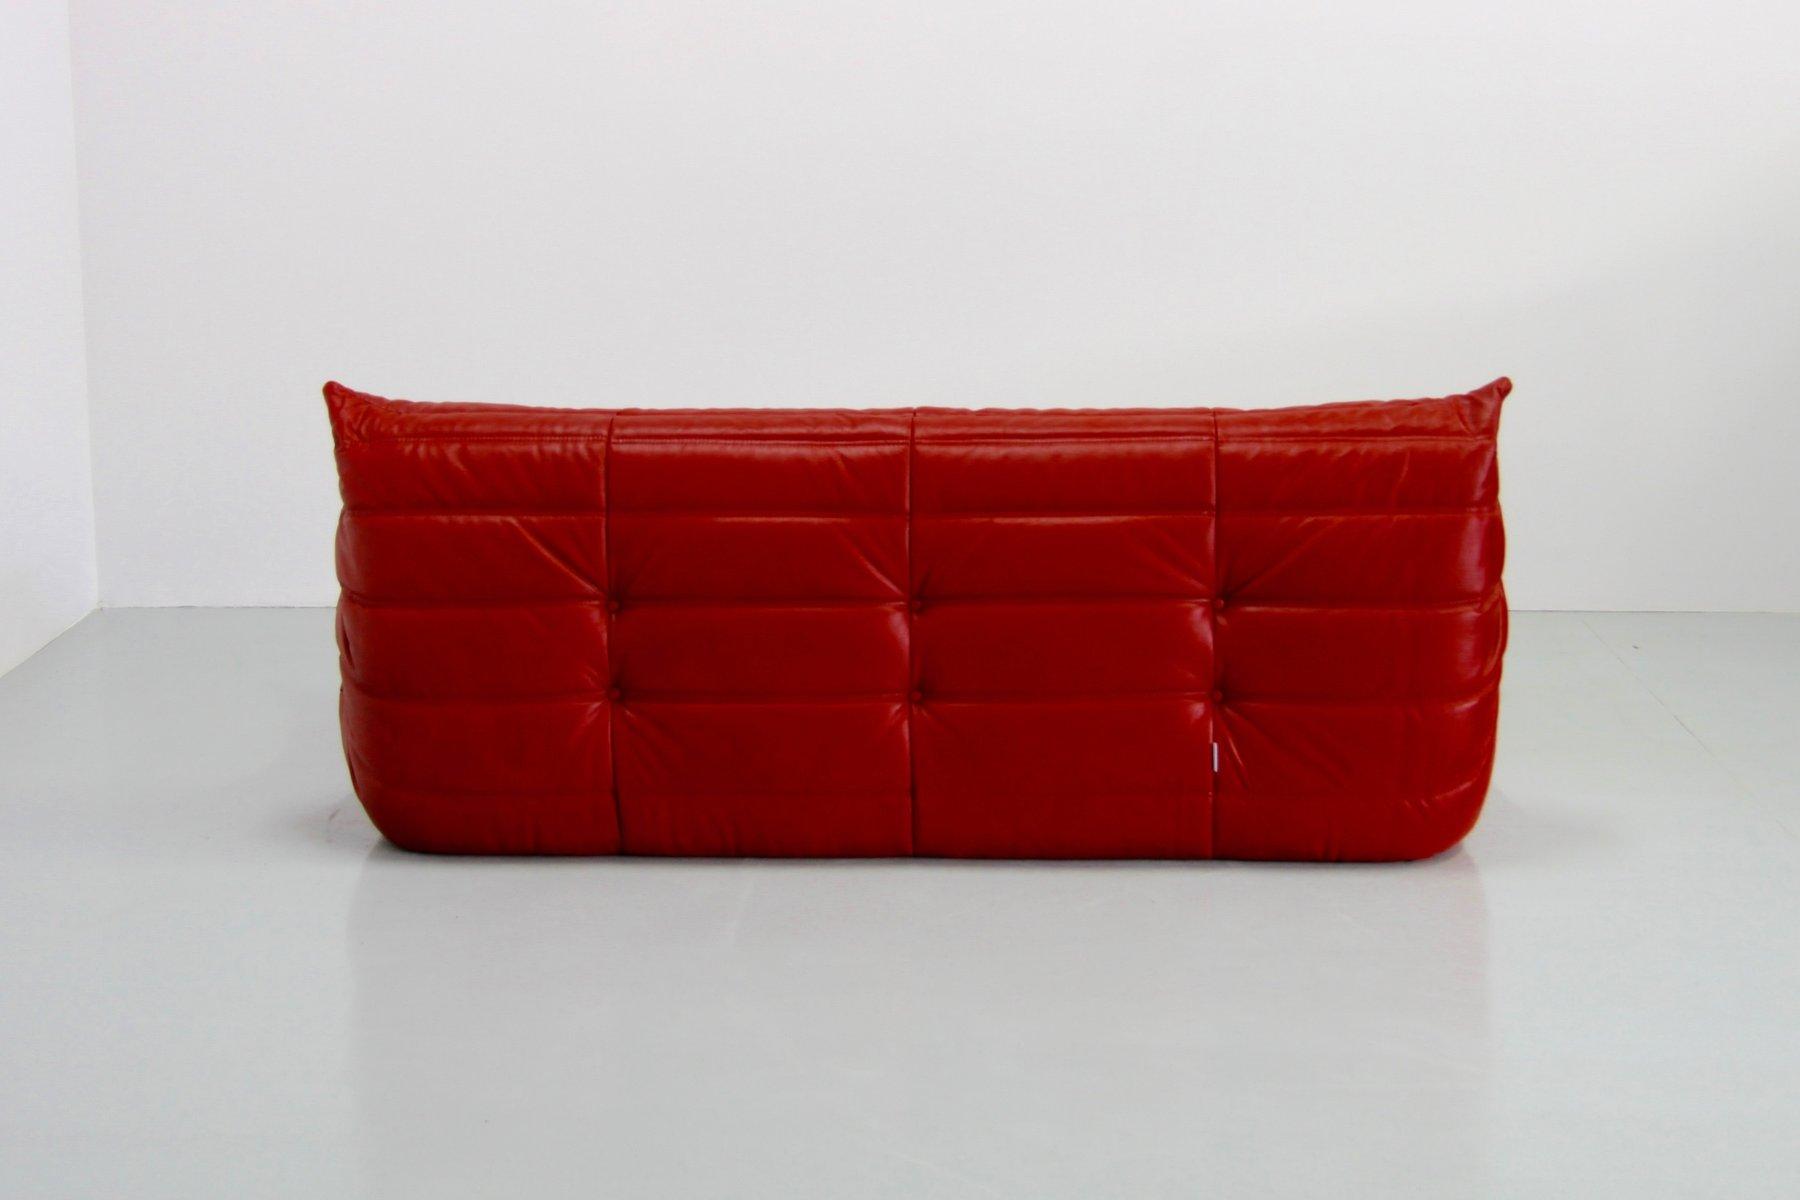 canap togo vintage en cuir rouge par michel ducaroy pour ligne roset en vente sur pamono. Black Bedroom Furniture Sets. Home Design Ideas